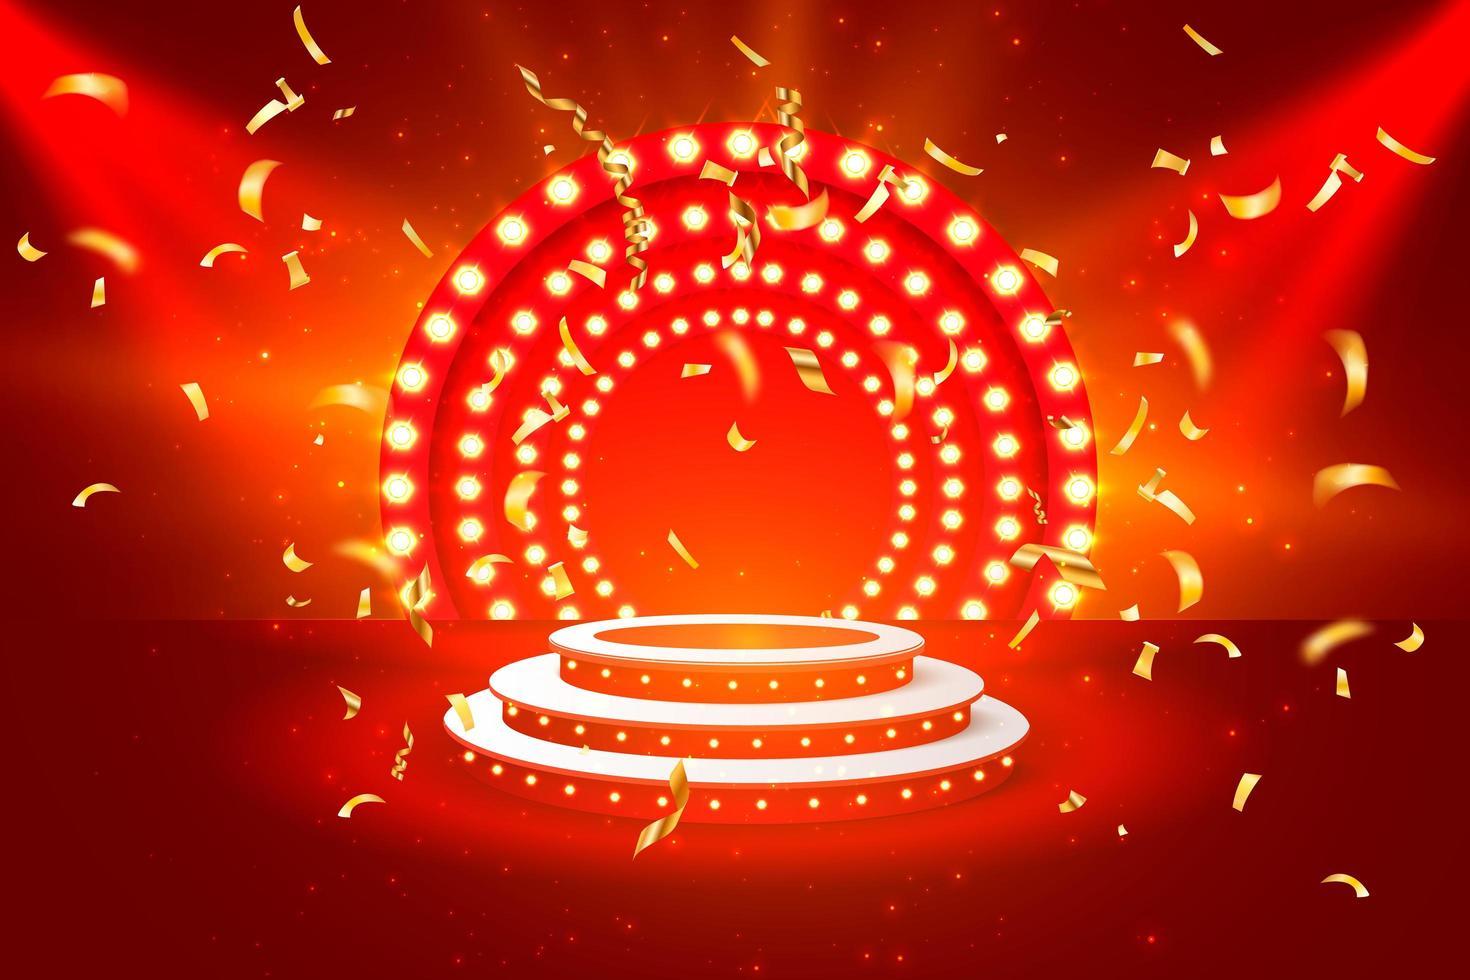 bannière de pièces d'or podium casino jackpot vecteur